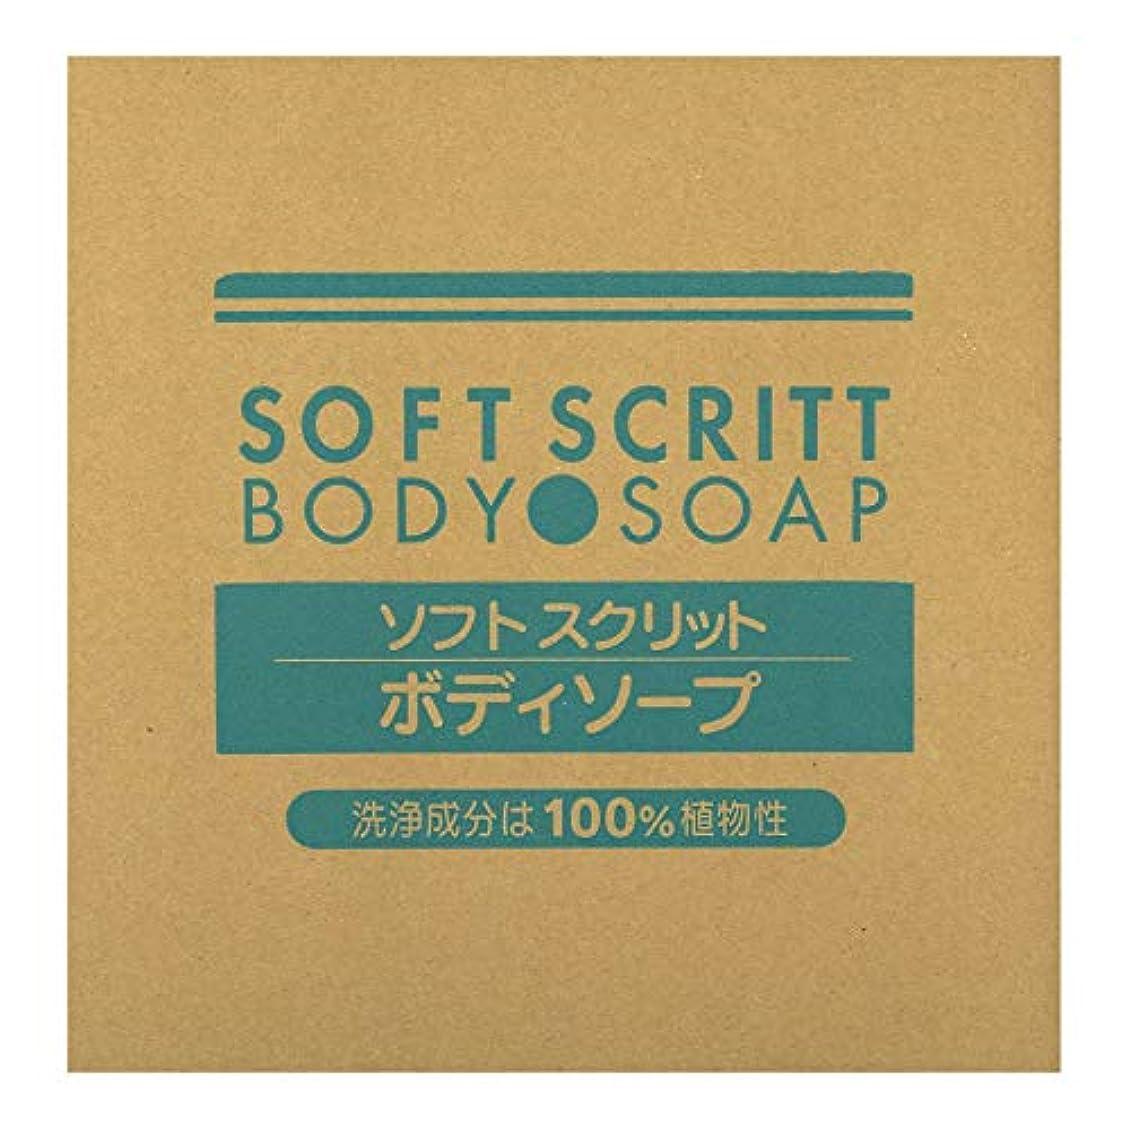 眼仕事に行くレイア熊野油脂 業務用 SOFT SCRITT(ソフト スクリット) ボディソープ 18L